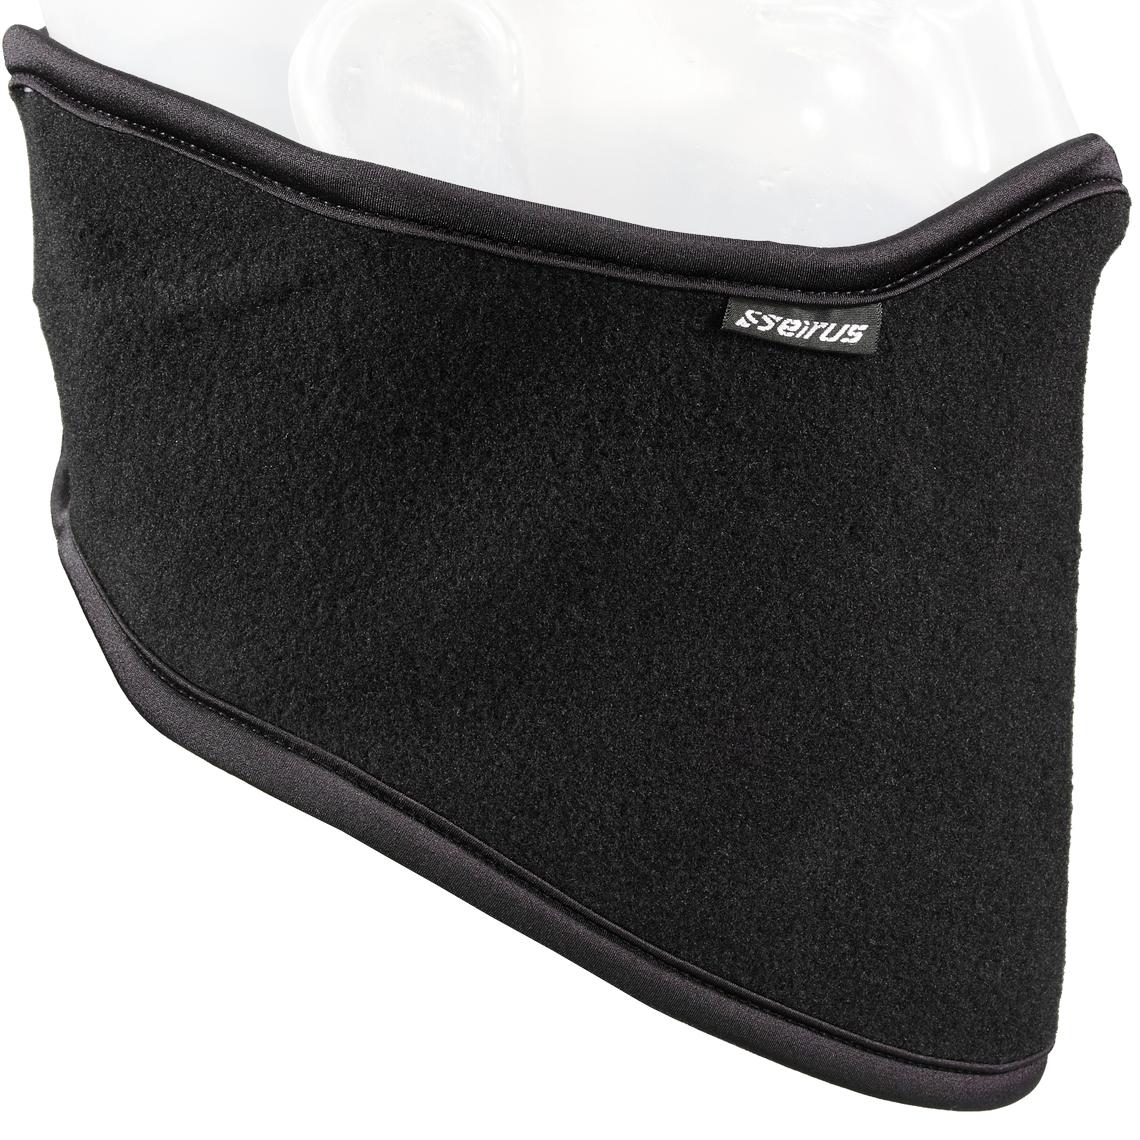 Seirus Polar Scarf - Black, L/XL